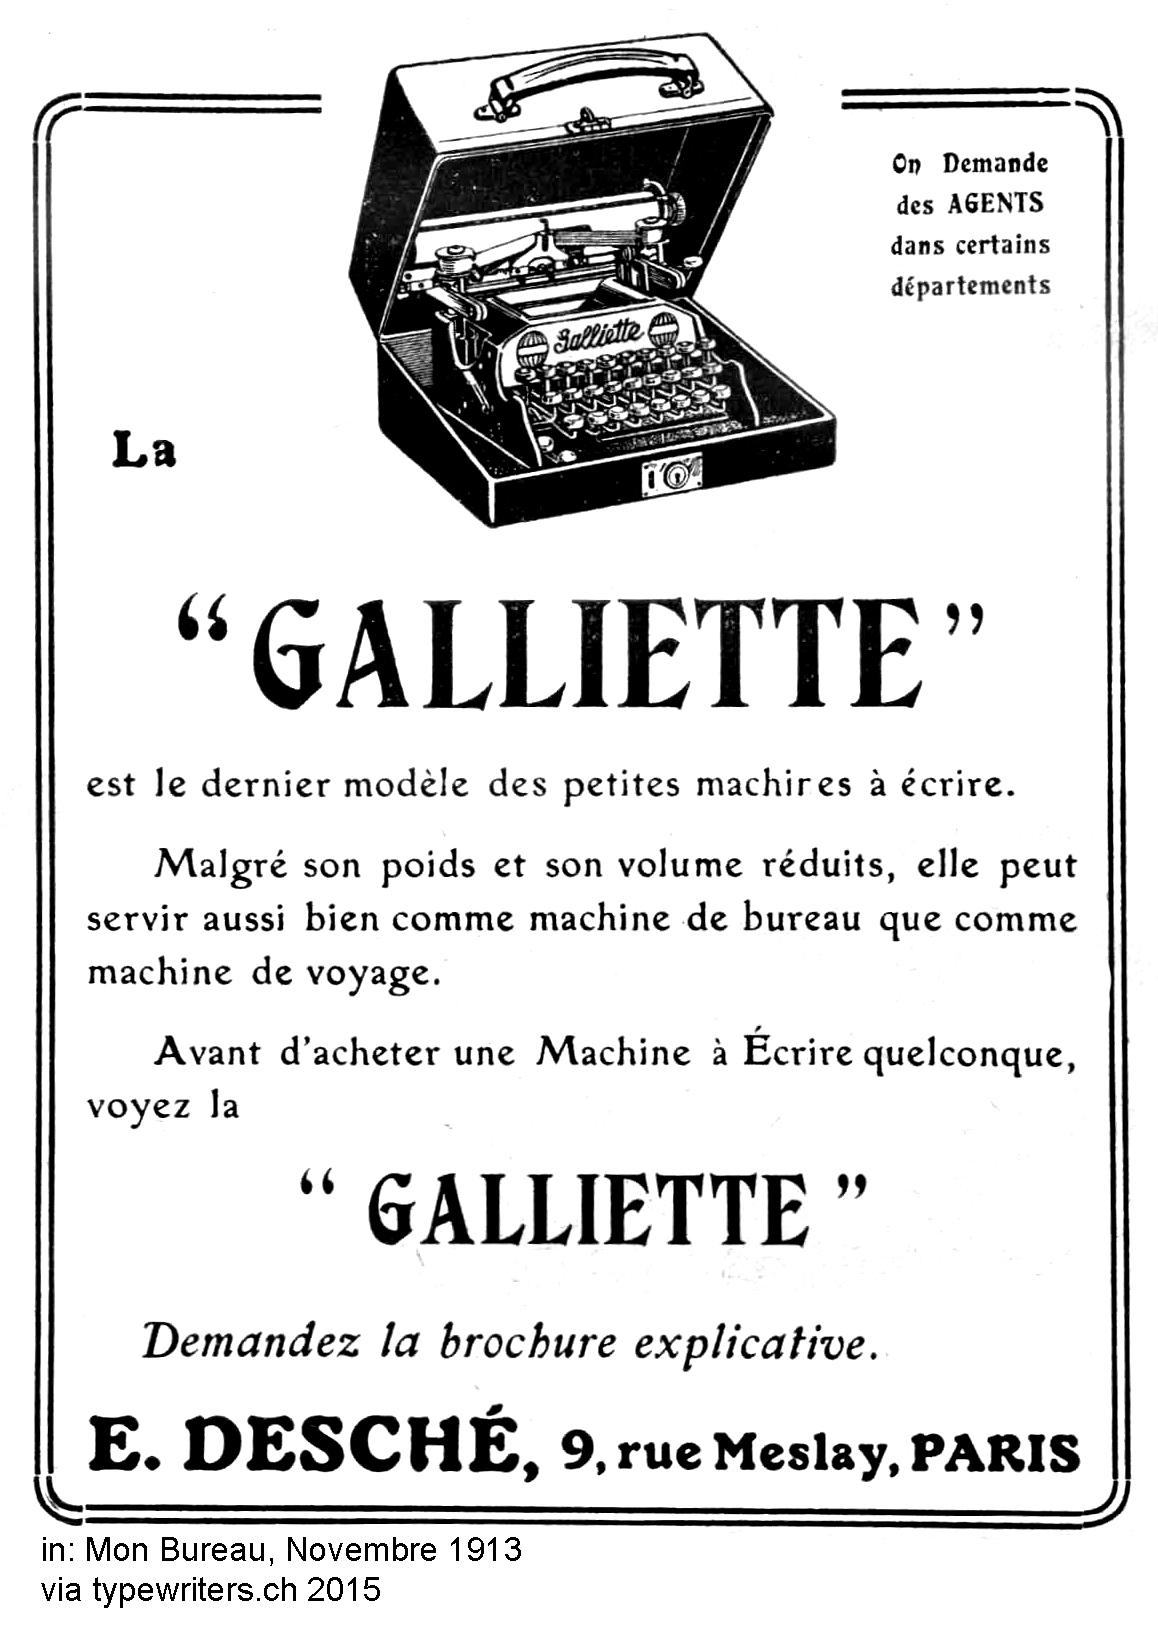 Galliette aus der französischen Fachzeitschrift Mon Bureau